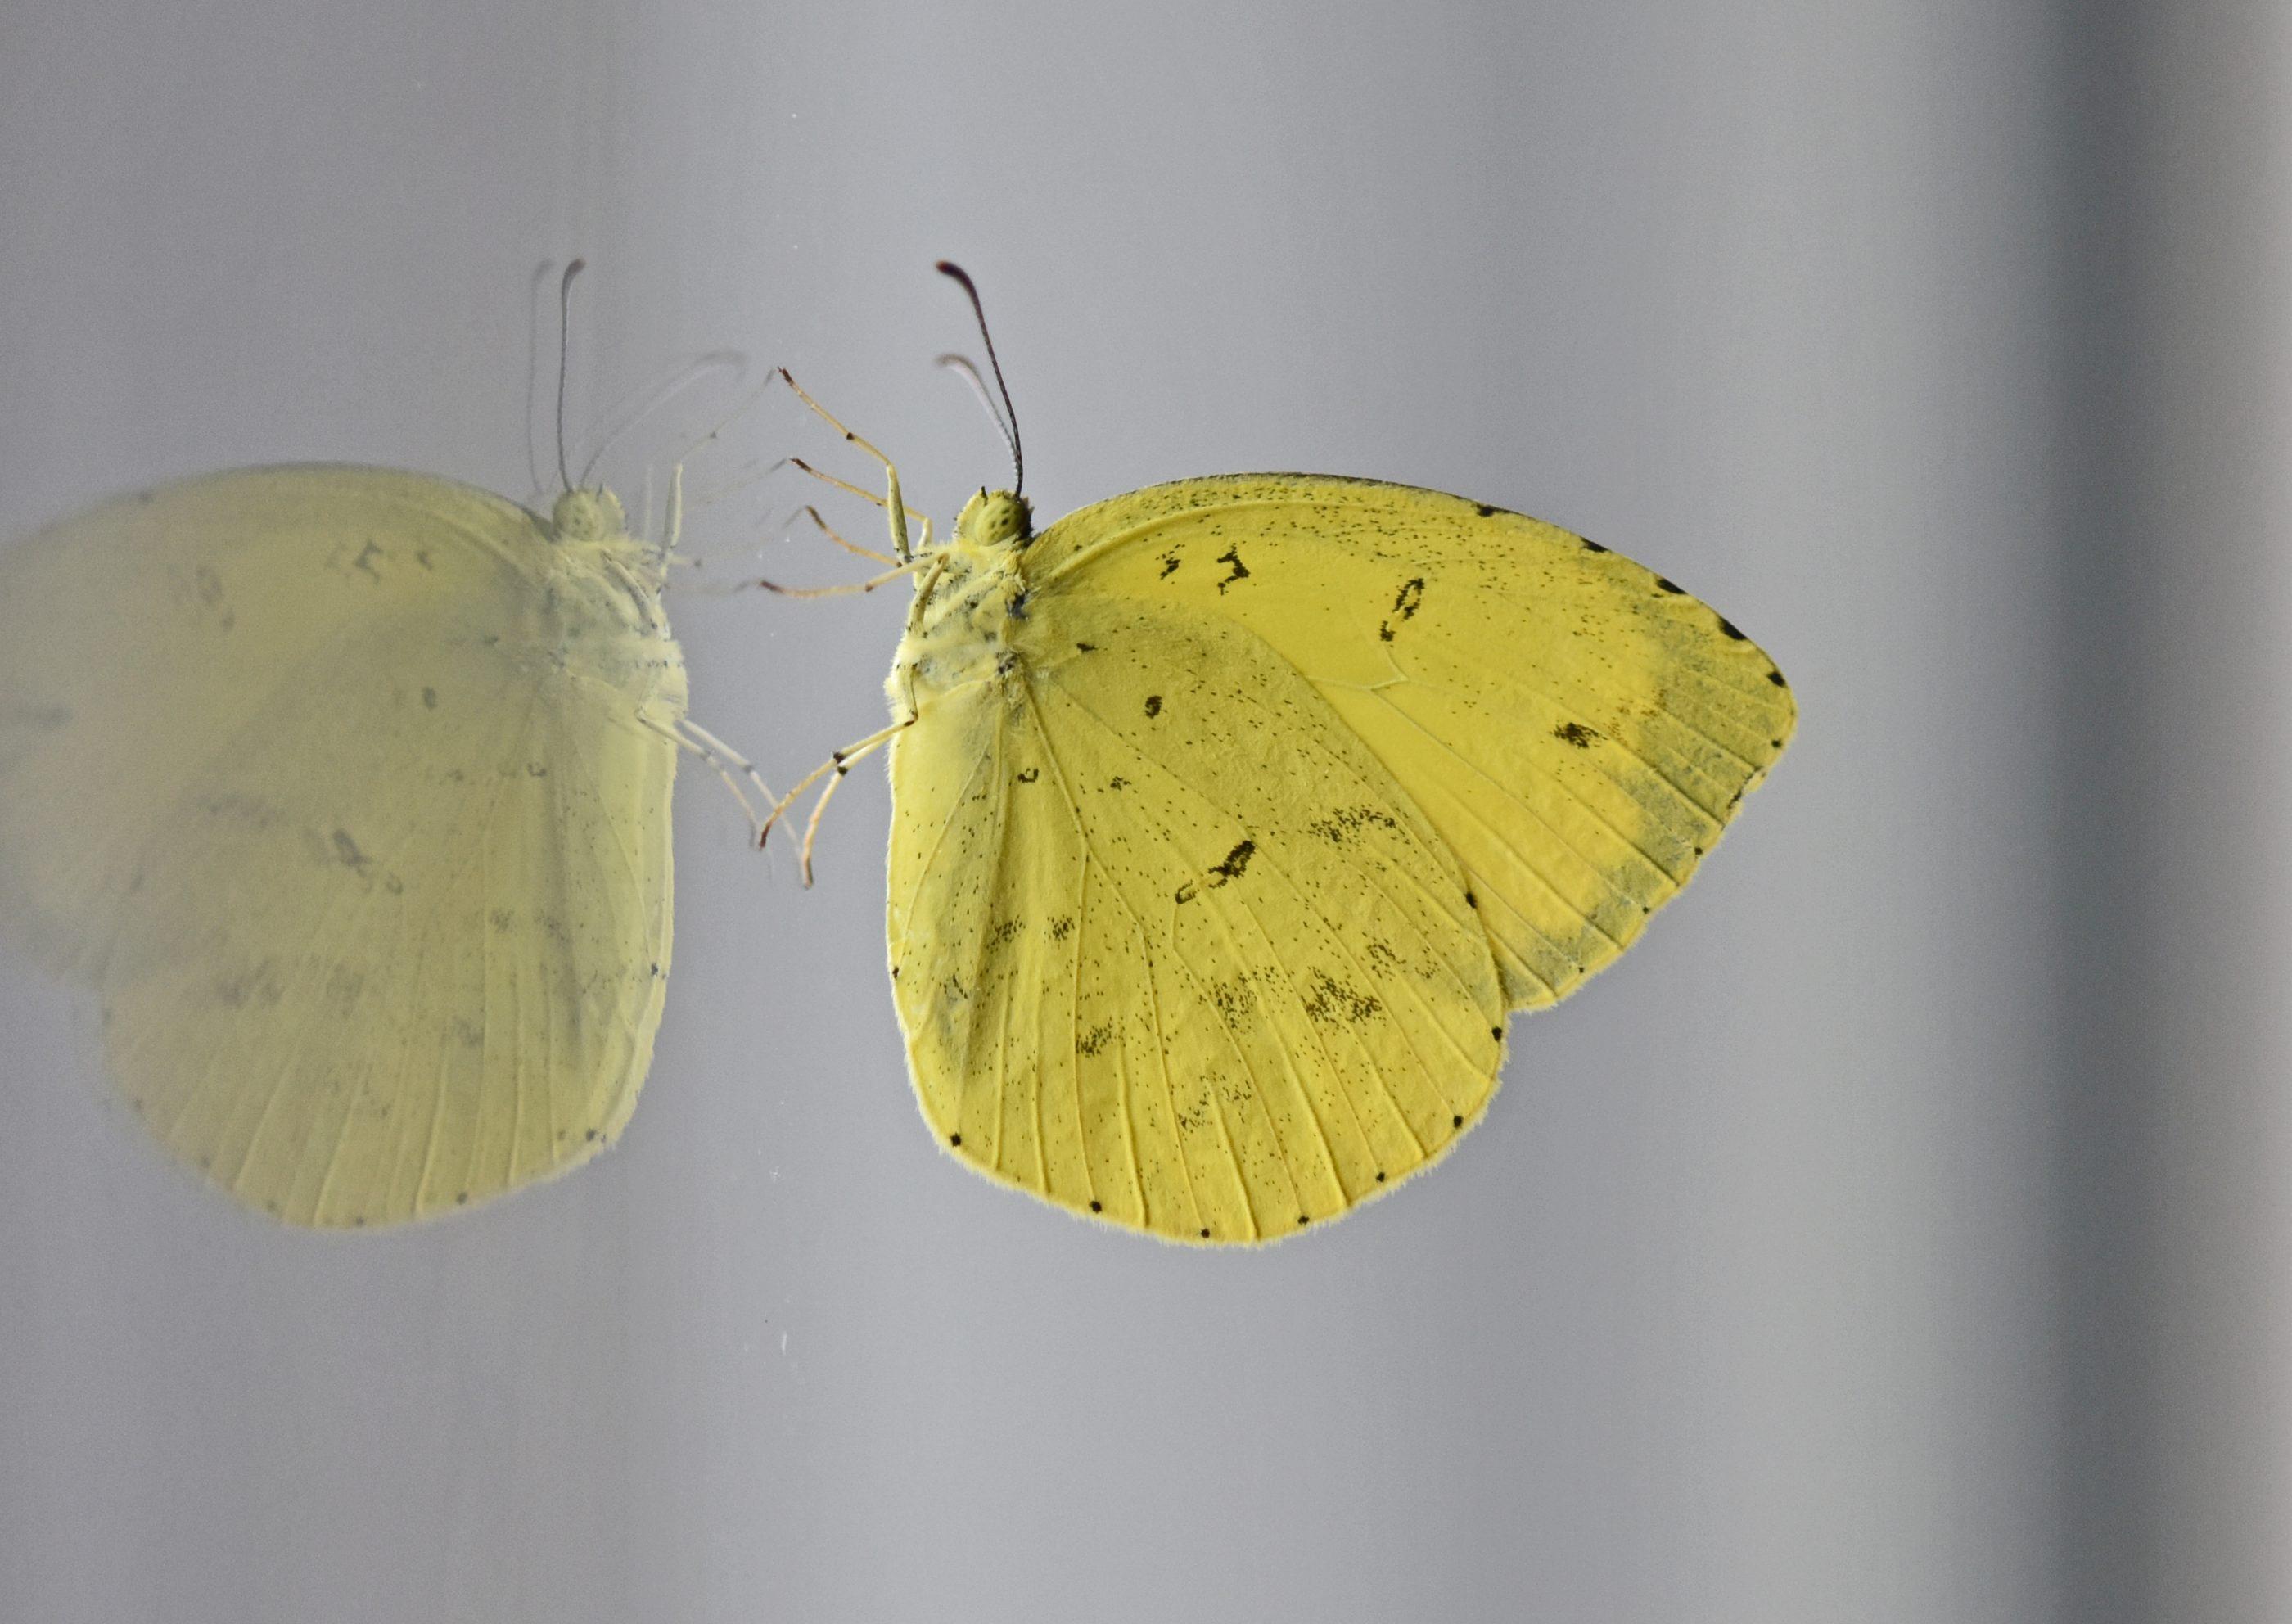 ⇑ キタキチョウ  出現が遅いと思っていたがようやく出てきたようです。モンキチョウなどの黄色と違って真っ黄色 綺麗ですぐ分かります。